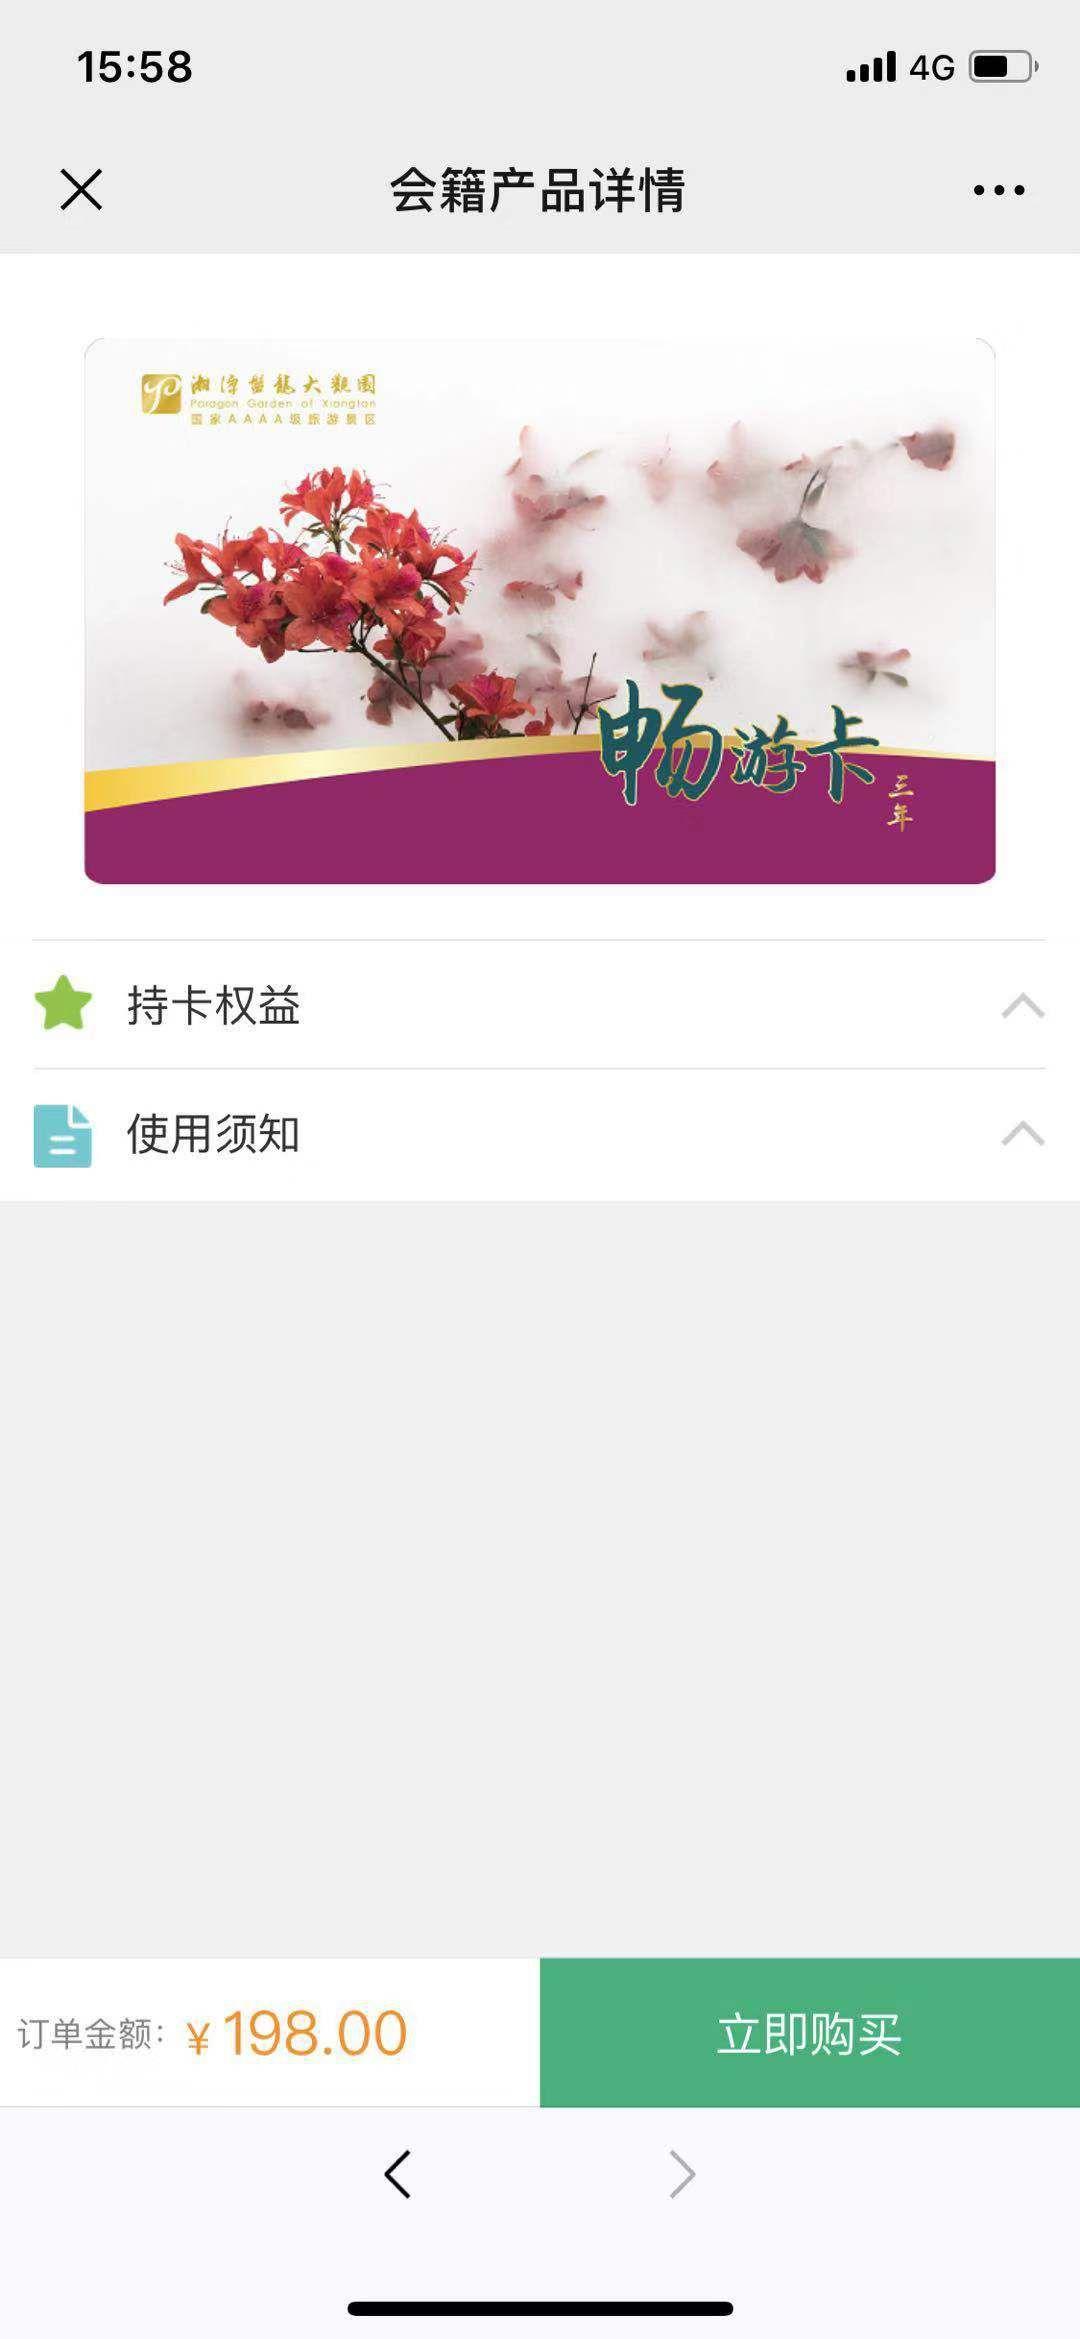 微信图片_20200715133423.jpg